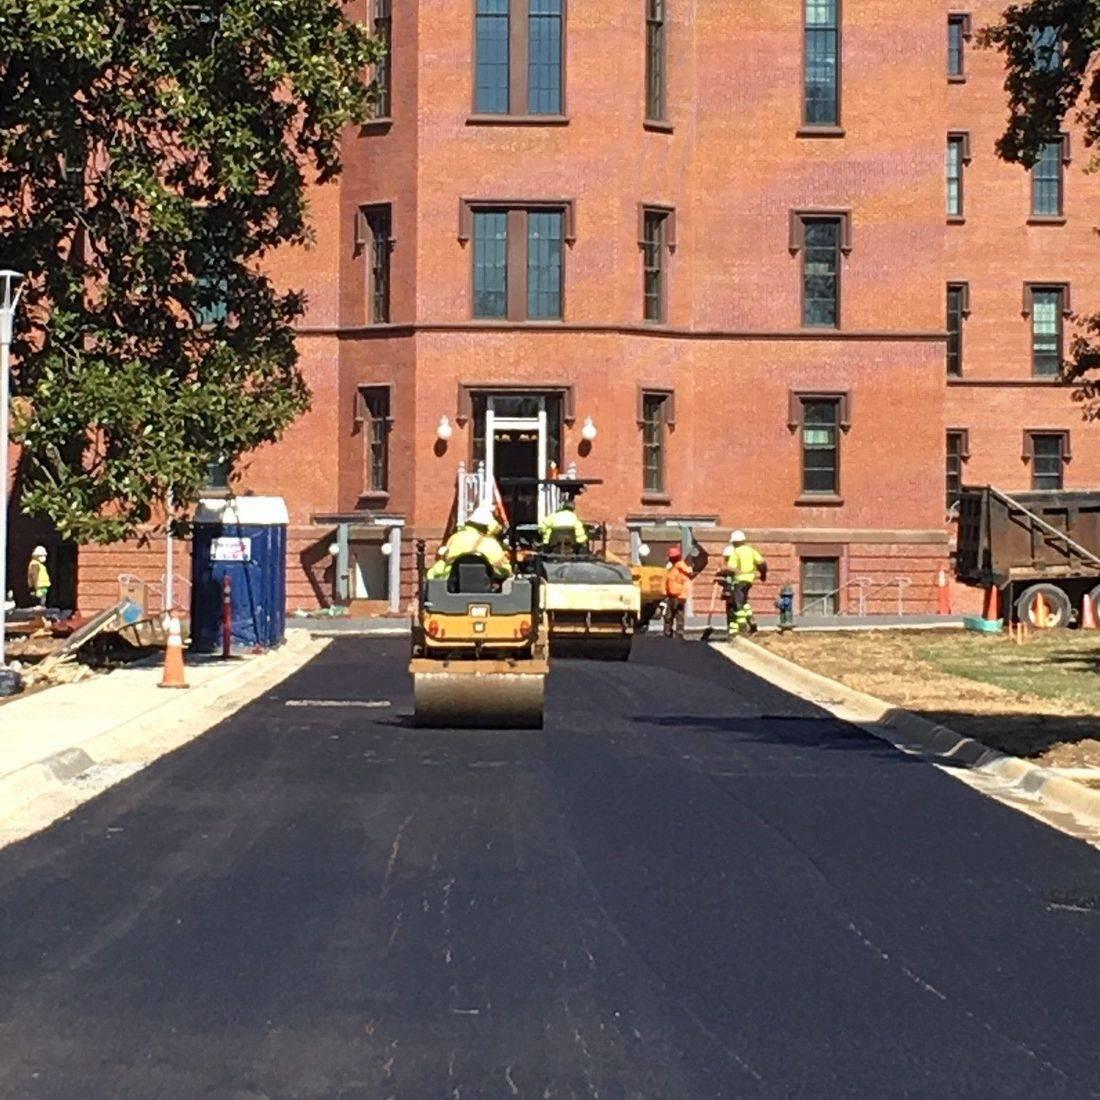 asphalt paving at Historic  St. Elizabeths Hospital Campus